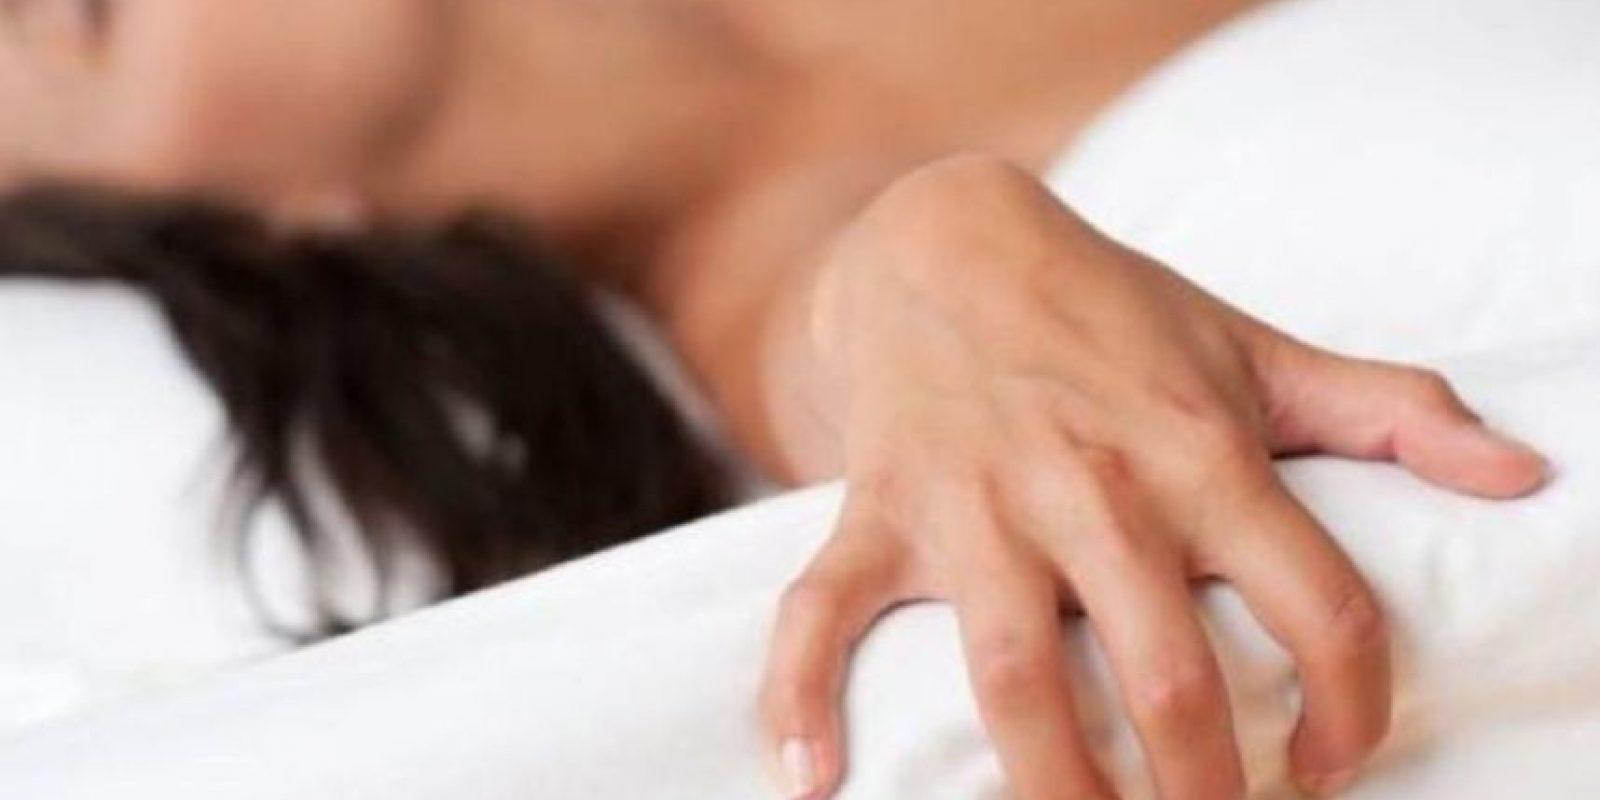 4. El tipo de orgasmo más común en las mujeres es el de la estimulación de clítoris. No obstante, muchas mujeres reportan que alcanzan un orgasmo más intenso por la estimulación del clítoris en conjunto con otras áreas genitales o extragenitales. Foto:Tumblr